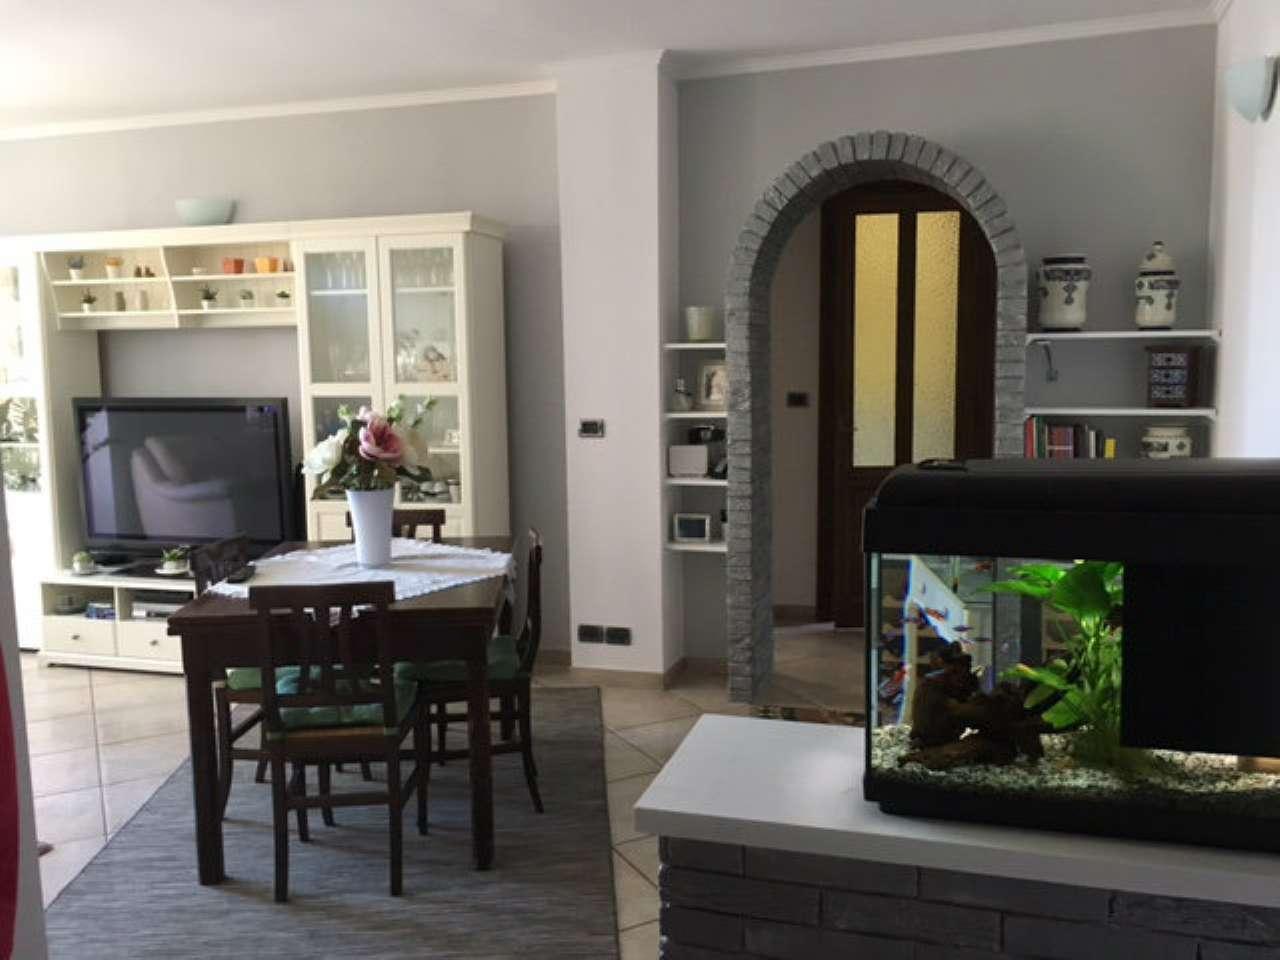 Appartamento in vendita a Alessandria, 3 locali, prezzo € 118.000 | CambioCasa.it